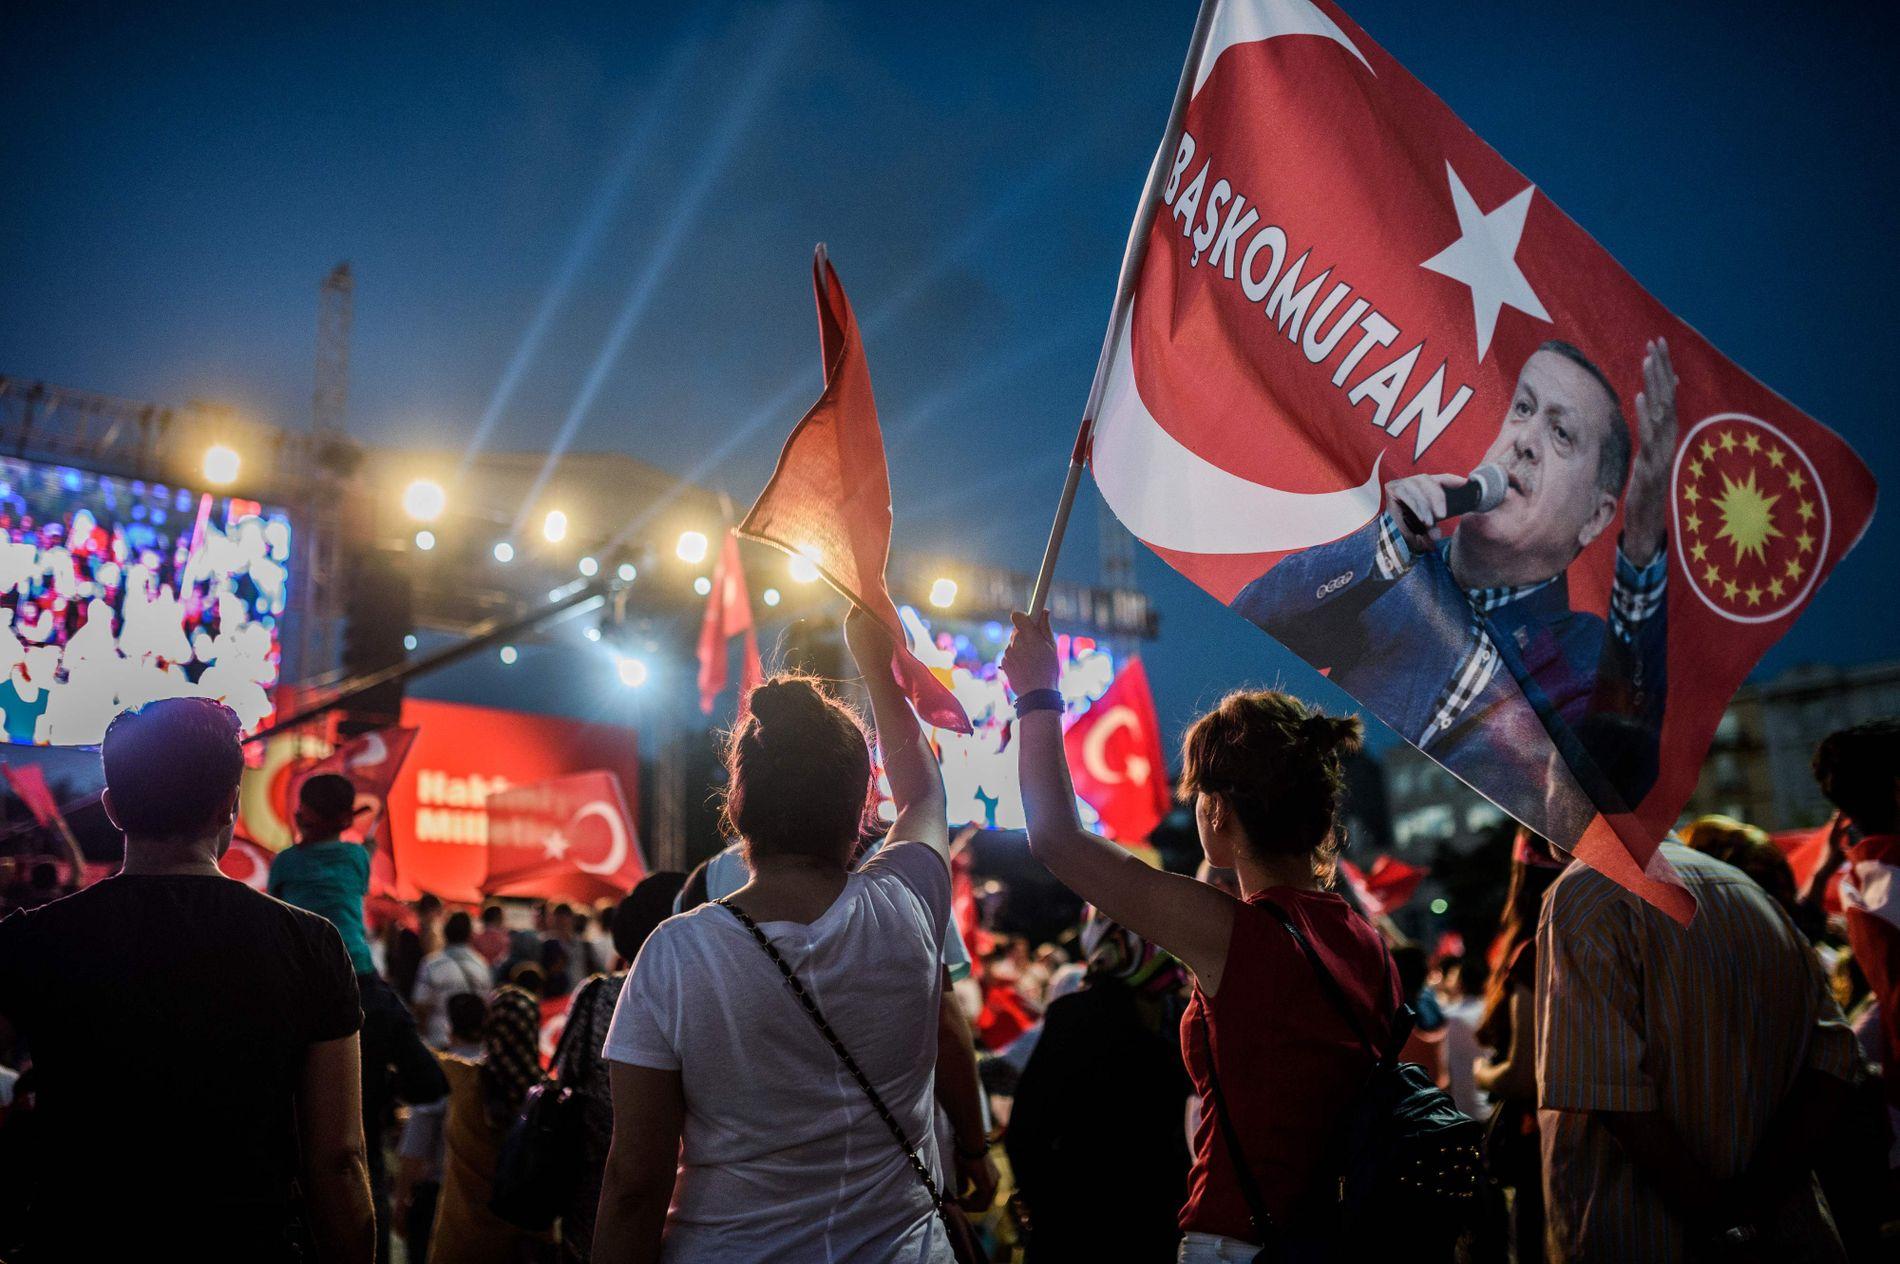 PRO ERDOGAN: En tilhenger av Erdogan holder et flagg med bildet av presidenten under et opprop mot kuppforsøket. Etter 16. juli har det vært store uroligheter i Tyrkia.